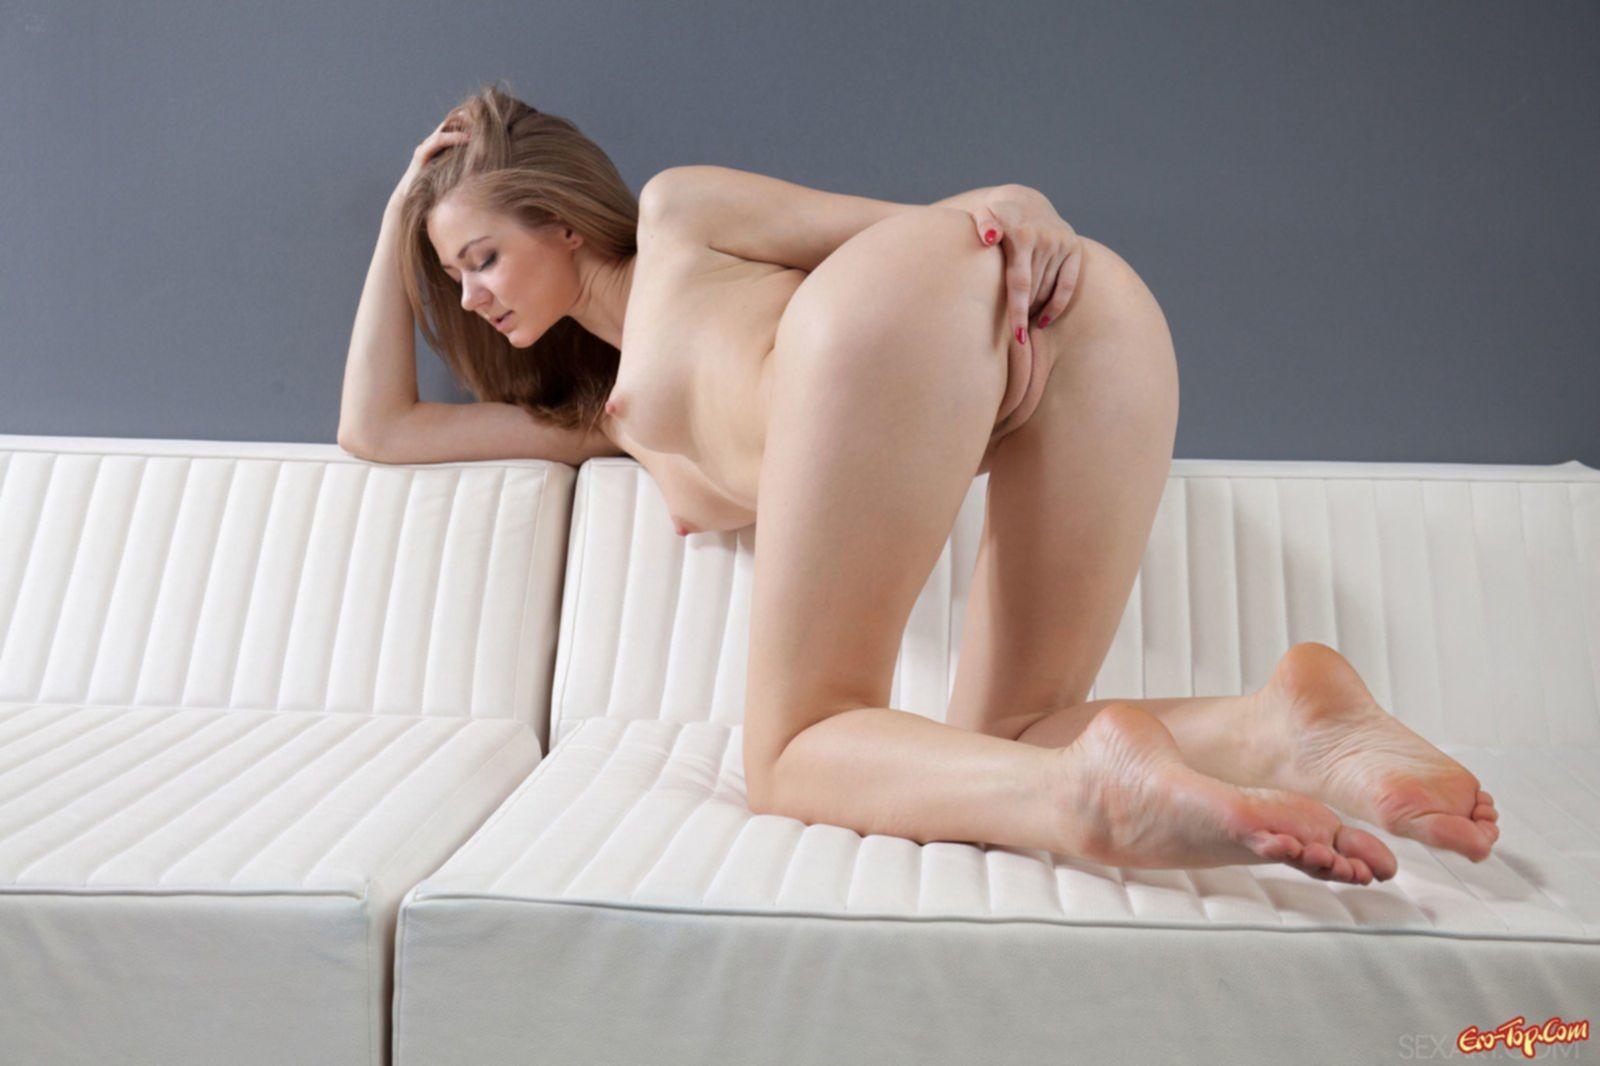 Блондинка показала сиськи и киску. Фото эротика.